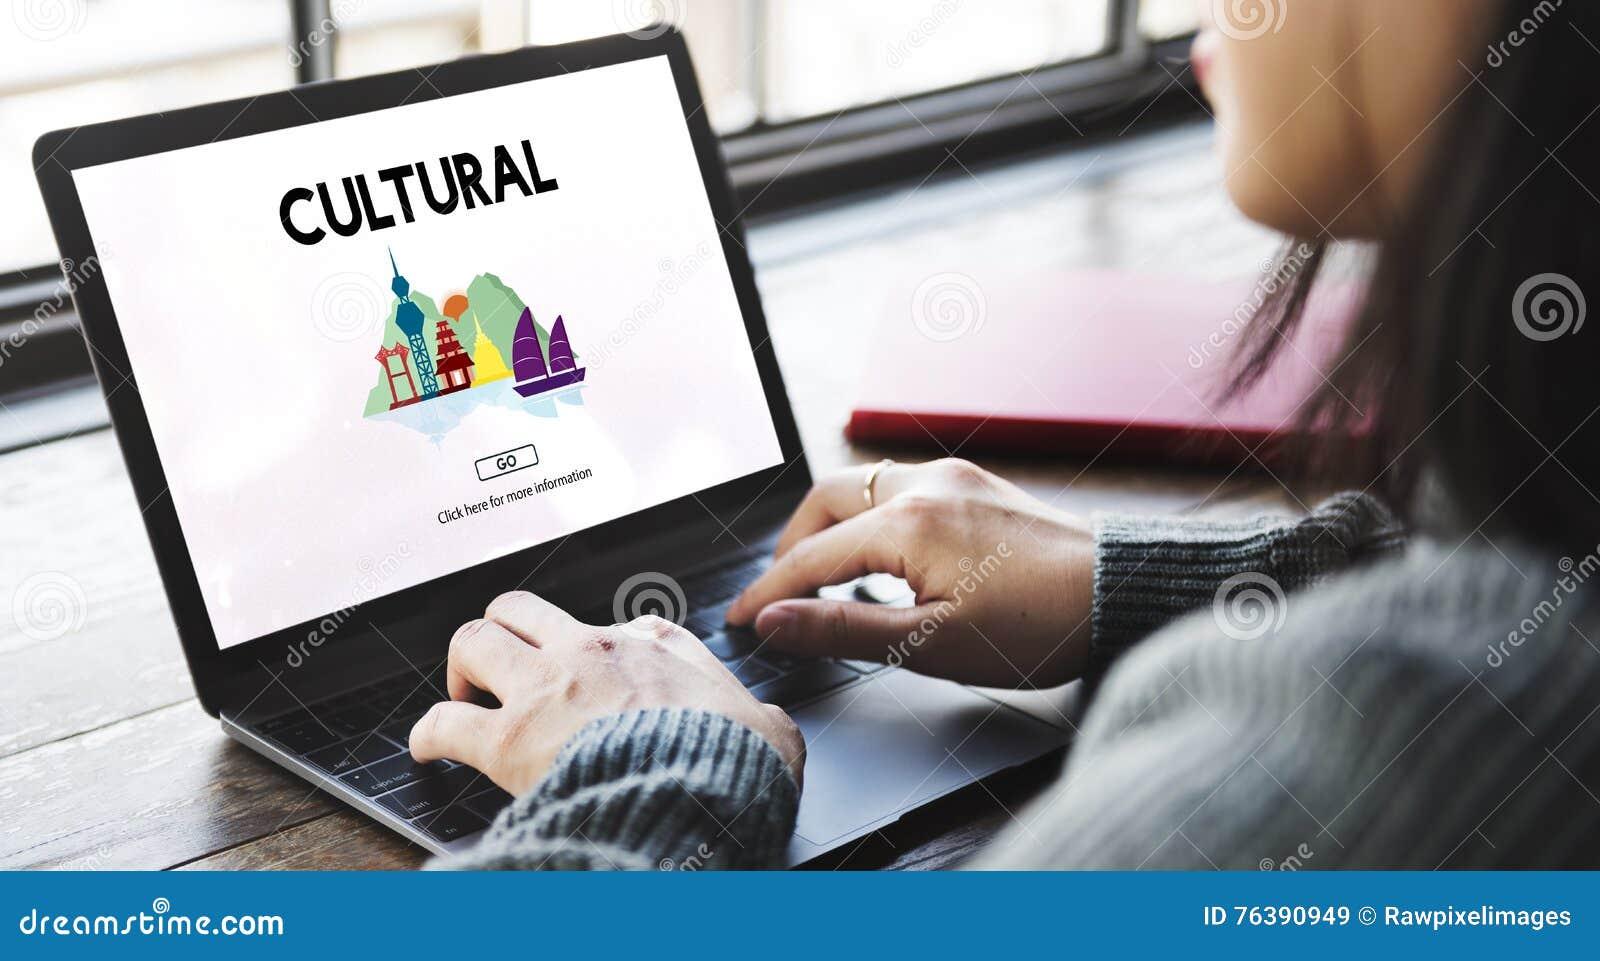 Le posizioni di viaggio culturale shrine il concetto tradizionale